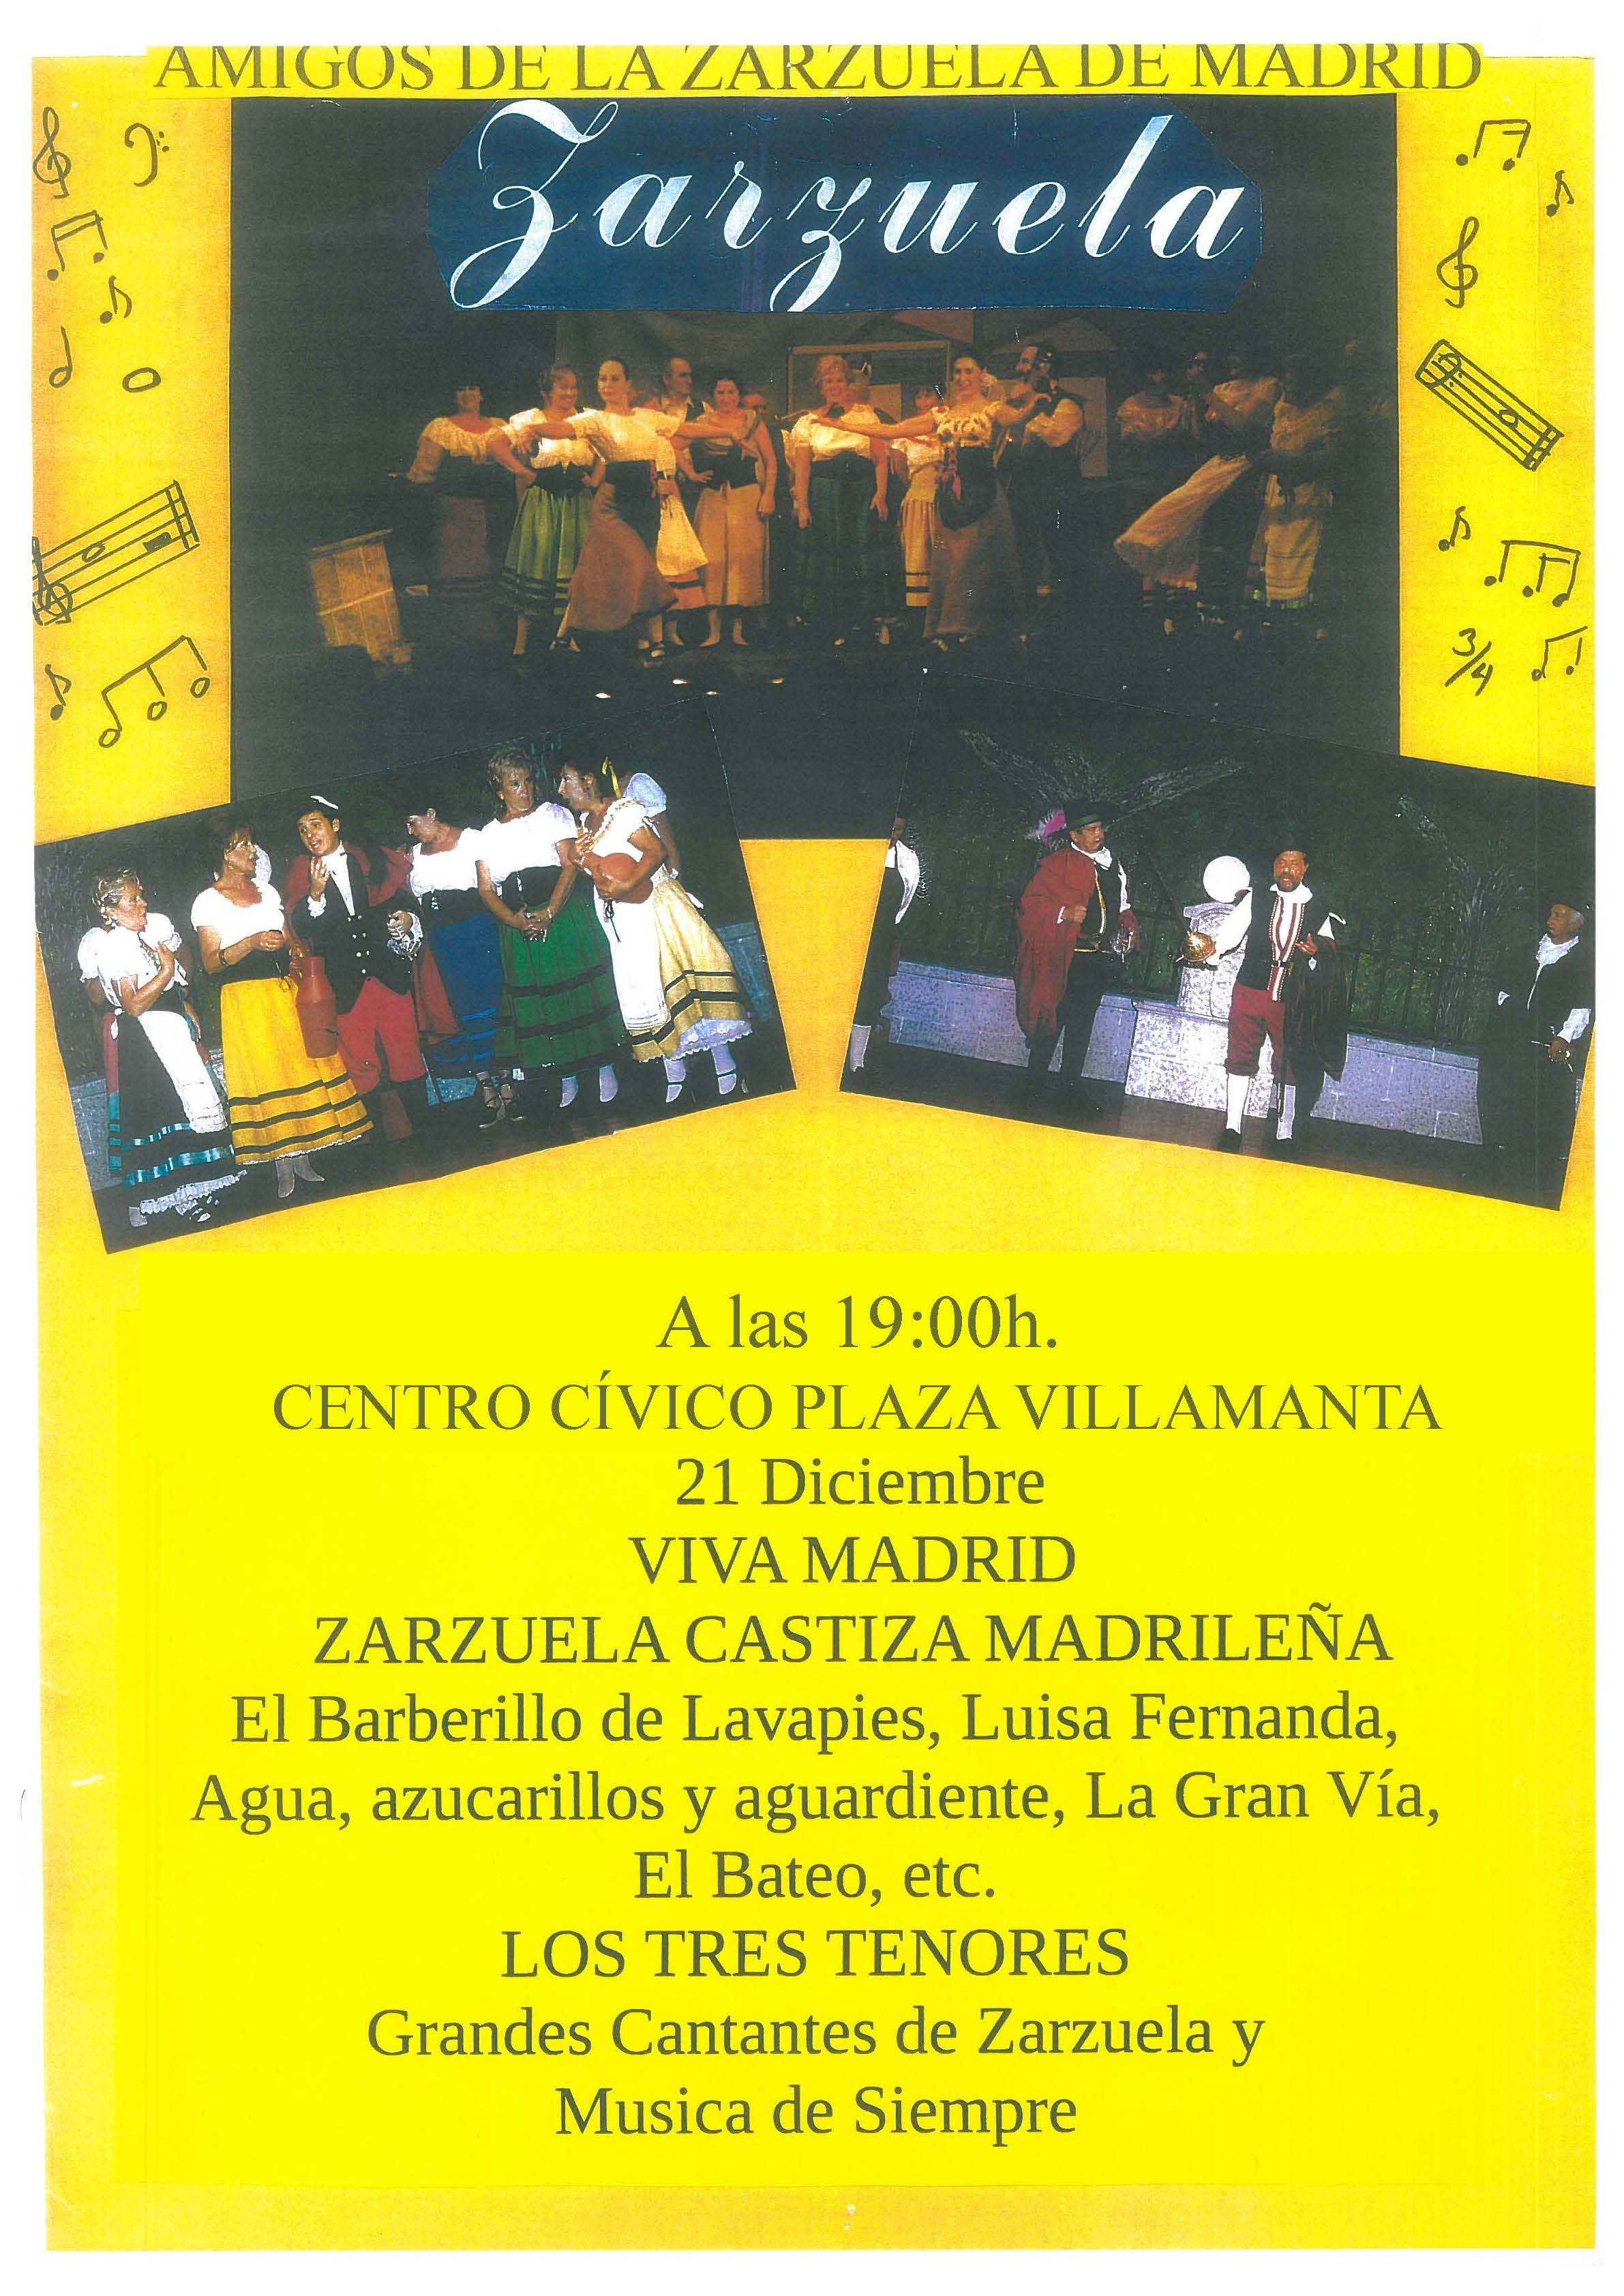 Zarzuela 21/12 a las 19:00